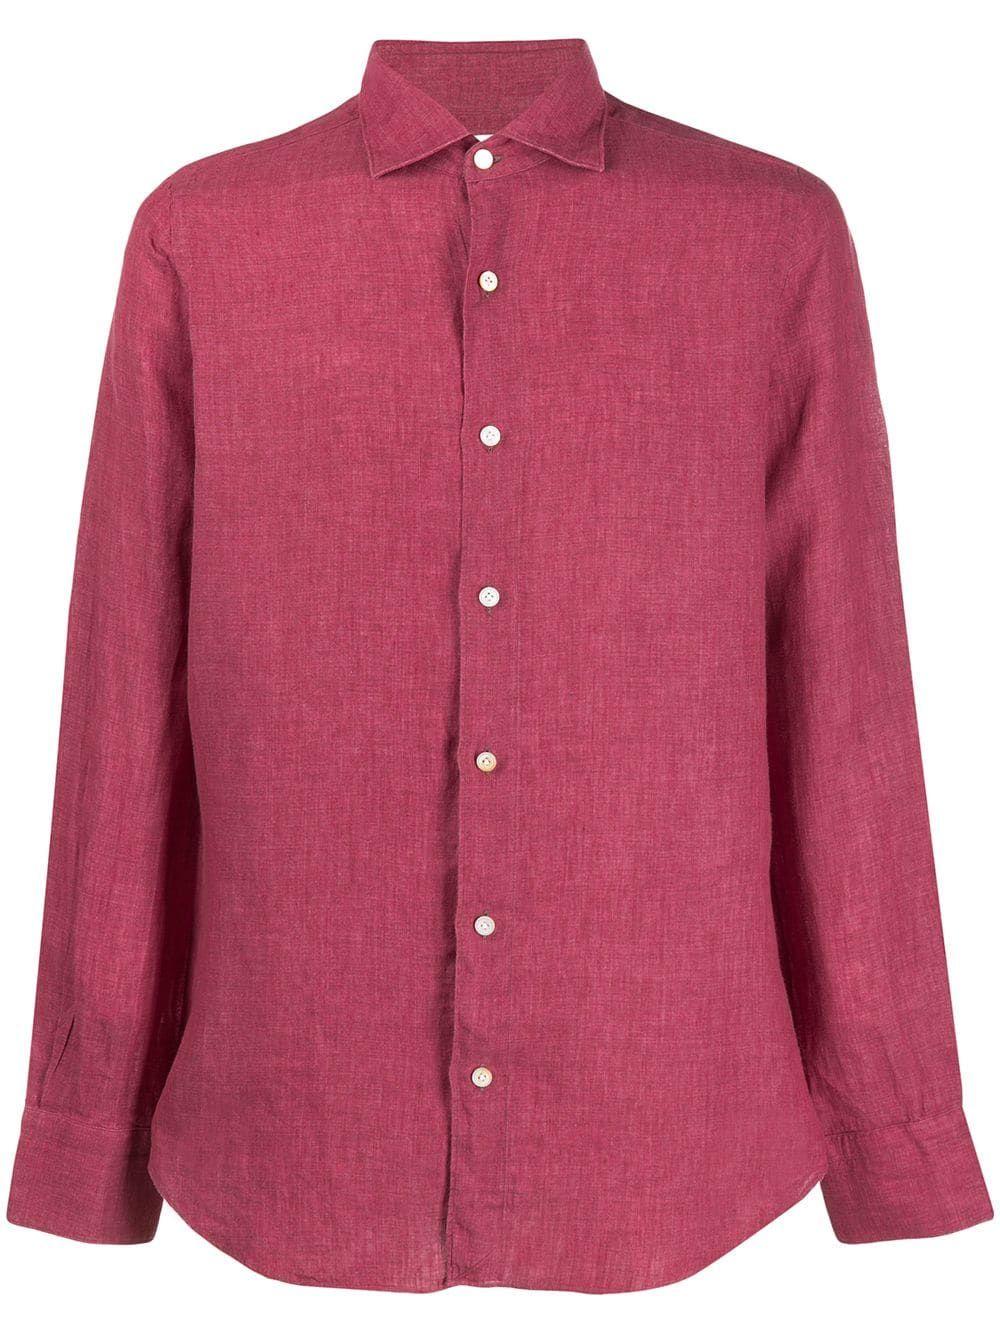 2f34082e55 FINAMORE 1925 NAPOLI FINAMORE 1925 NAPOLI TOKYO SHIRT - RED.   finamore1925napoli  cloth